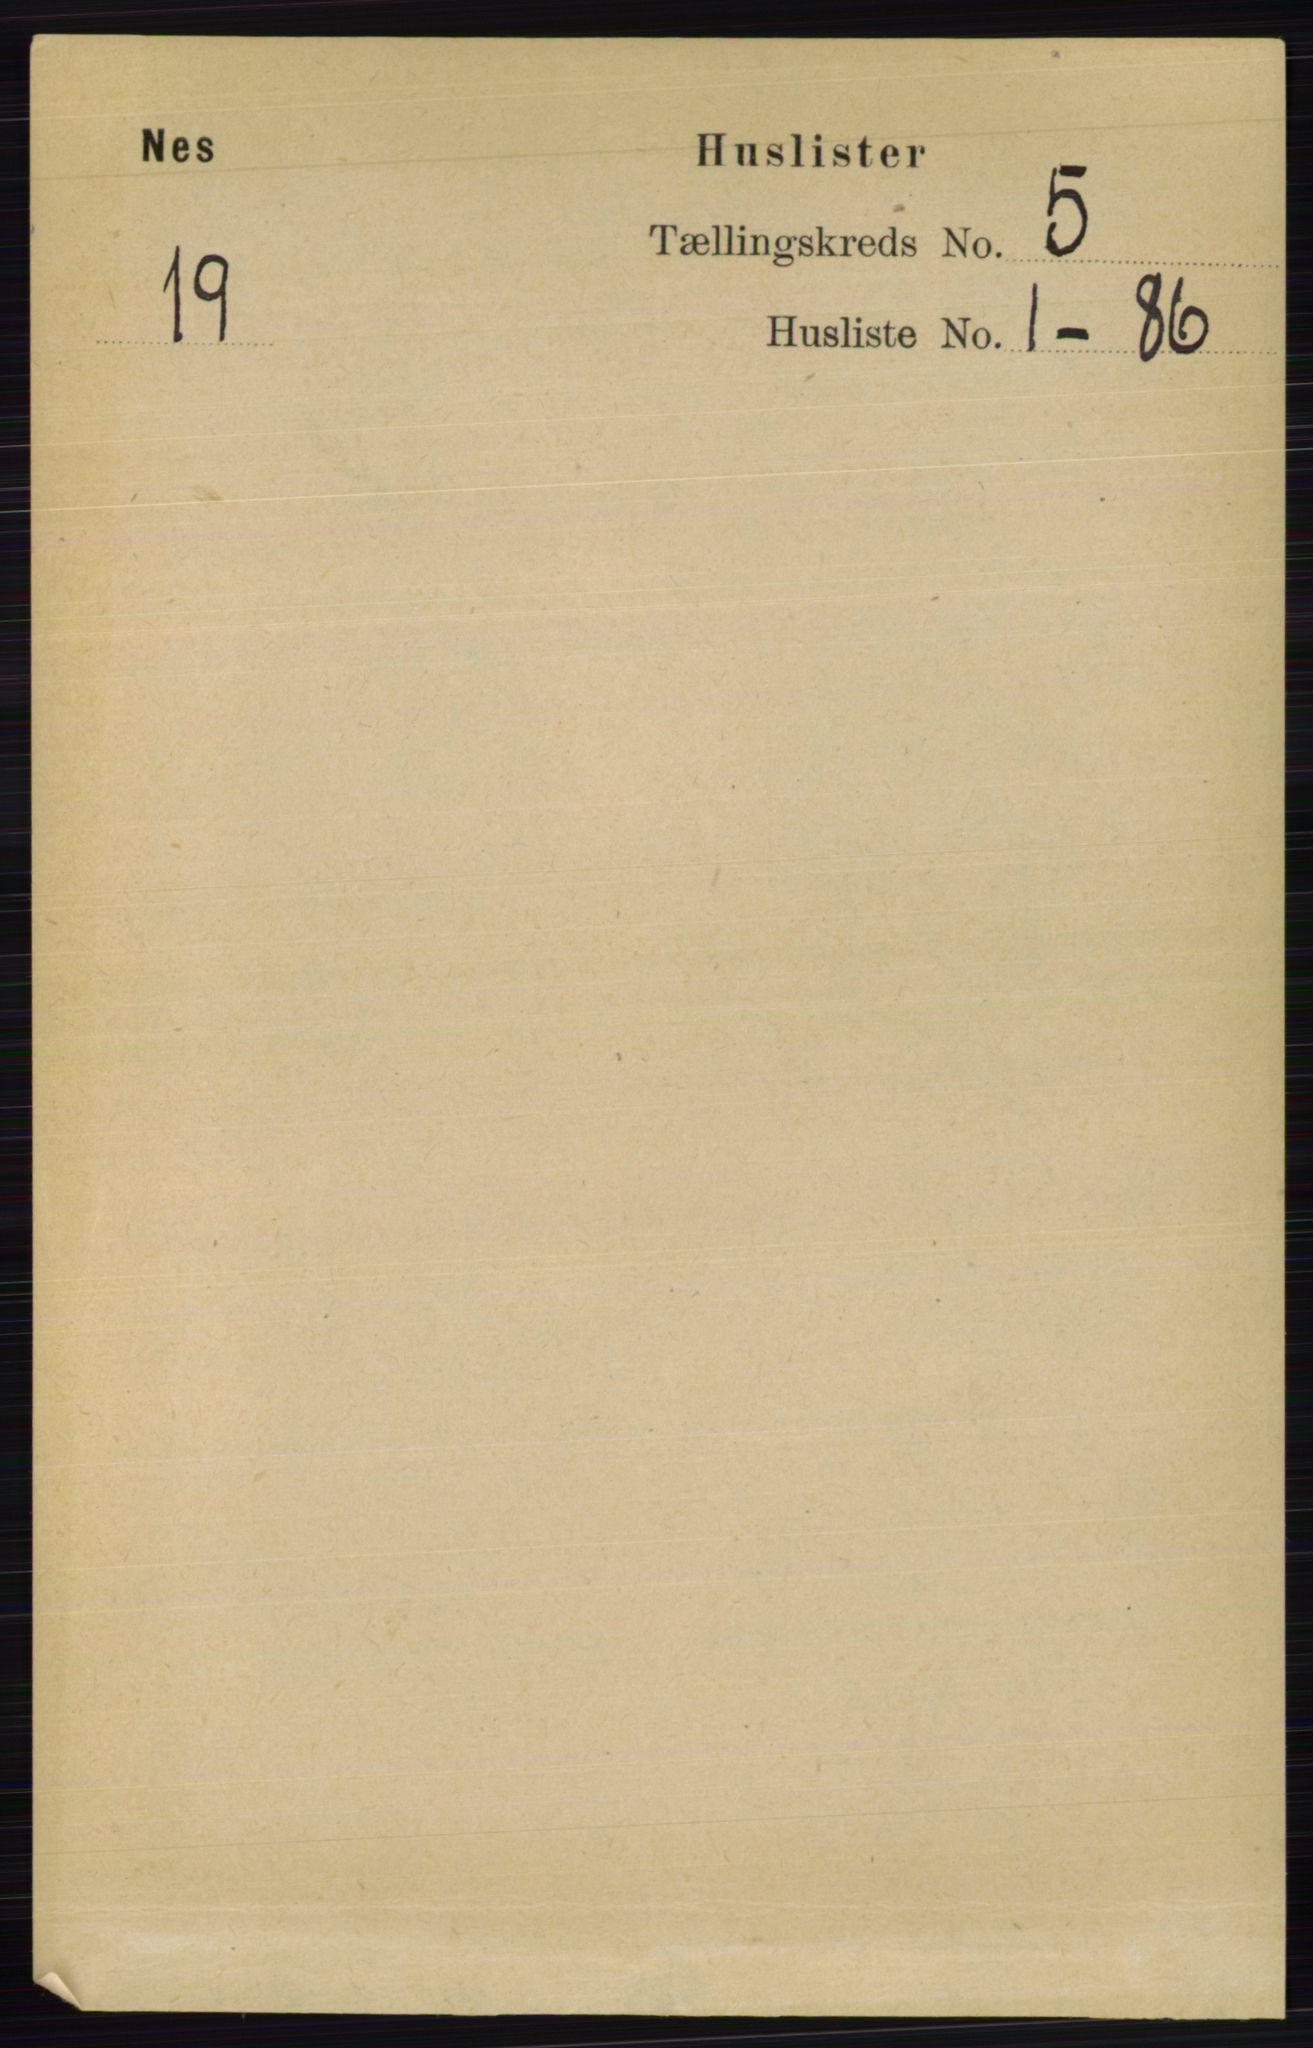 RA, Folketelling 1891 for 0411 Nes herred, 1891, s. 2520